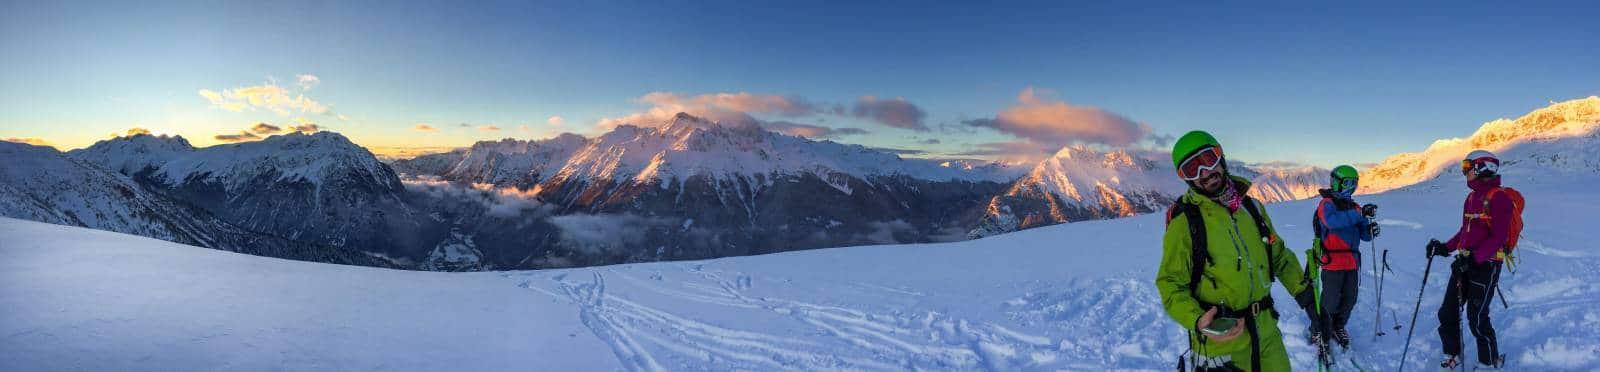 Ski Hors Piste de l'Alpe d'Huez - Domaine des Grandes Rousses